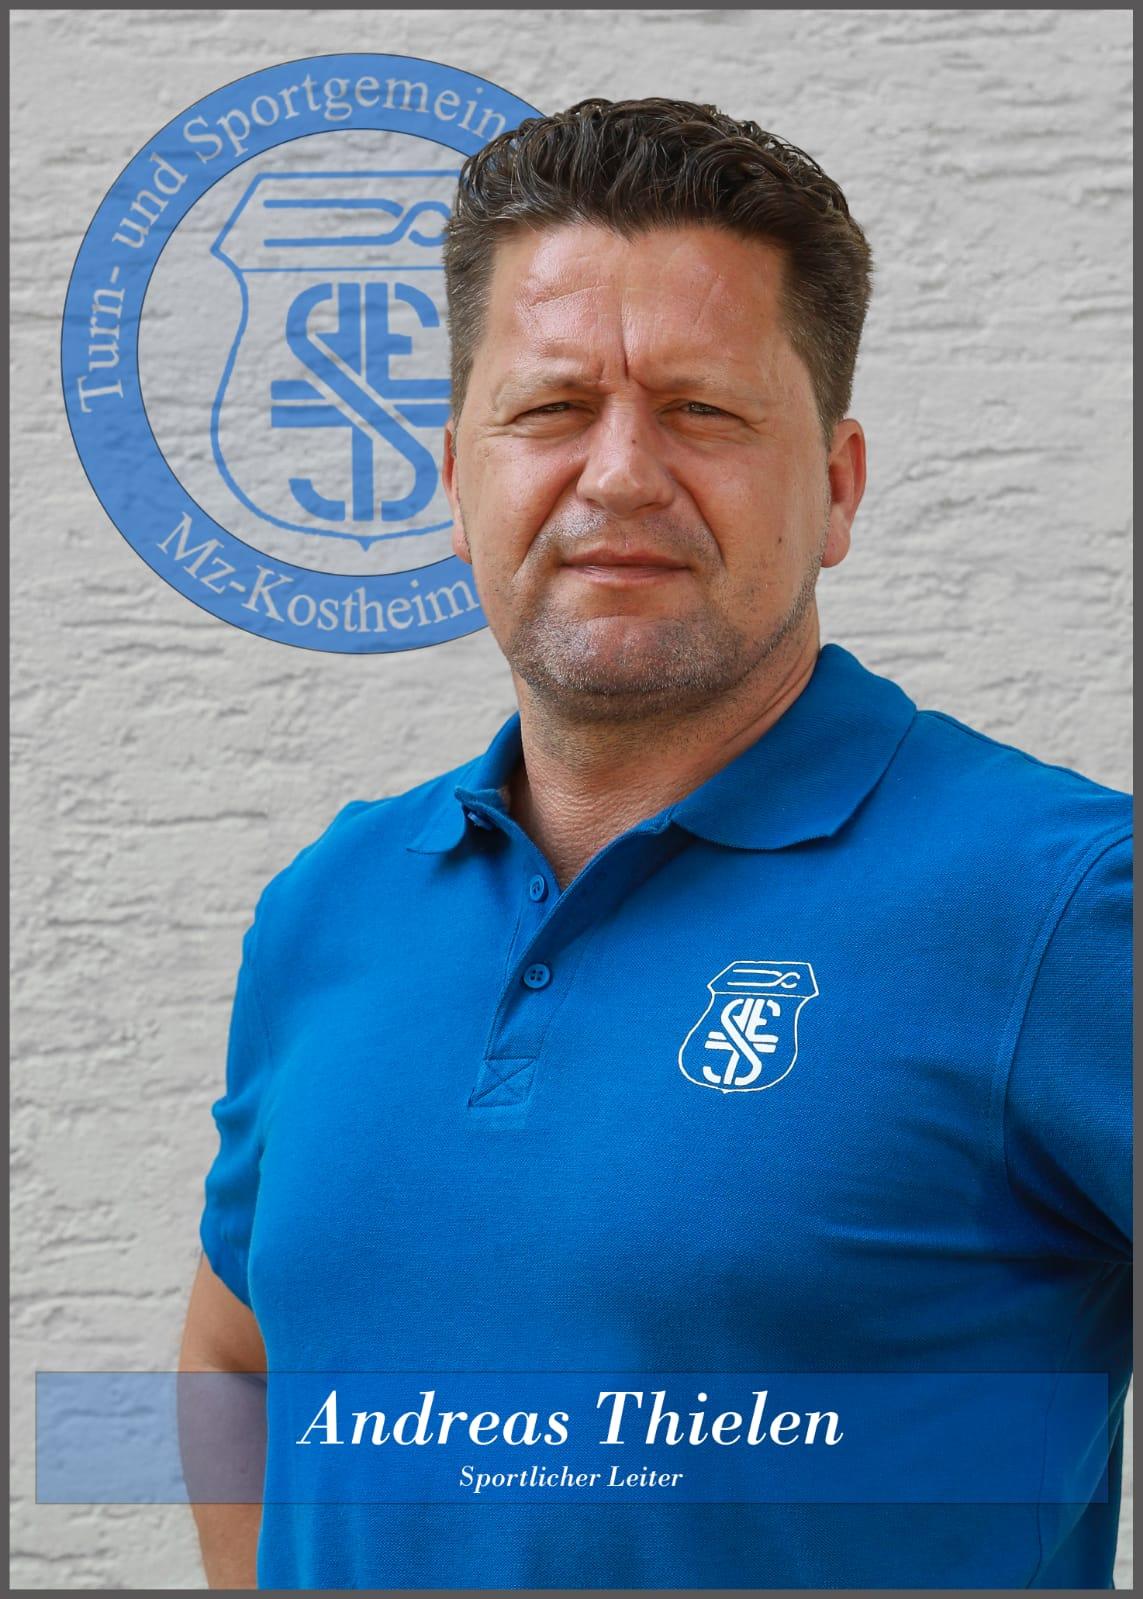 Andreas Thielen